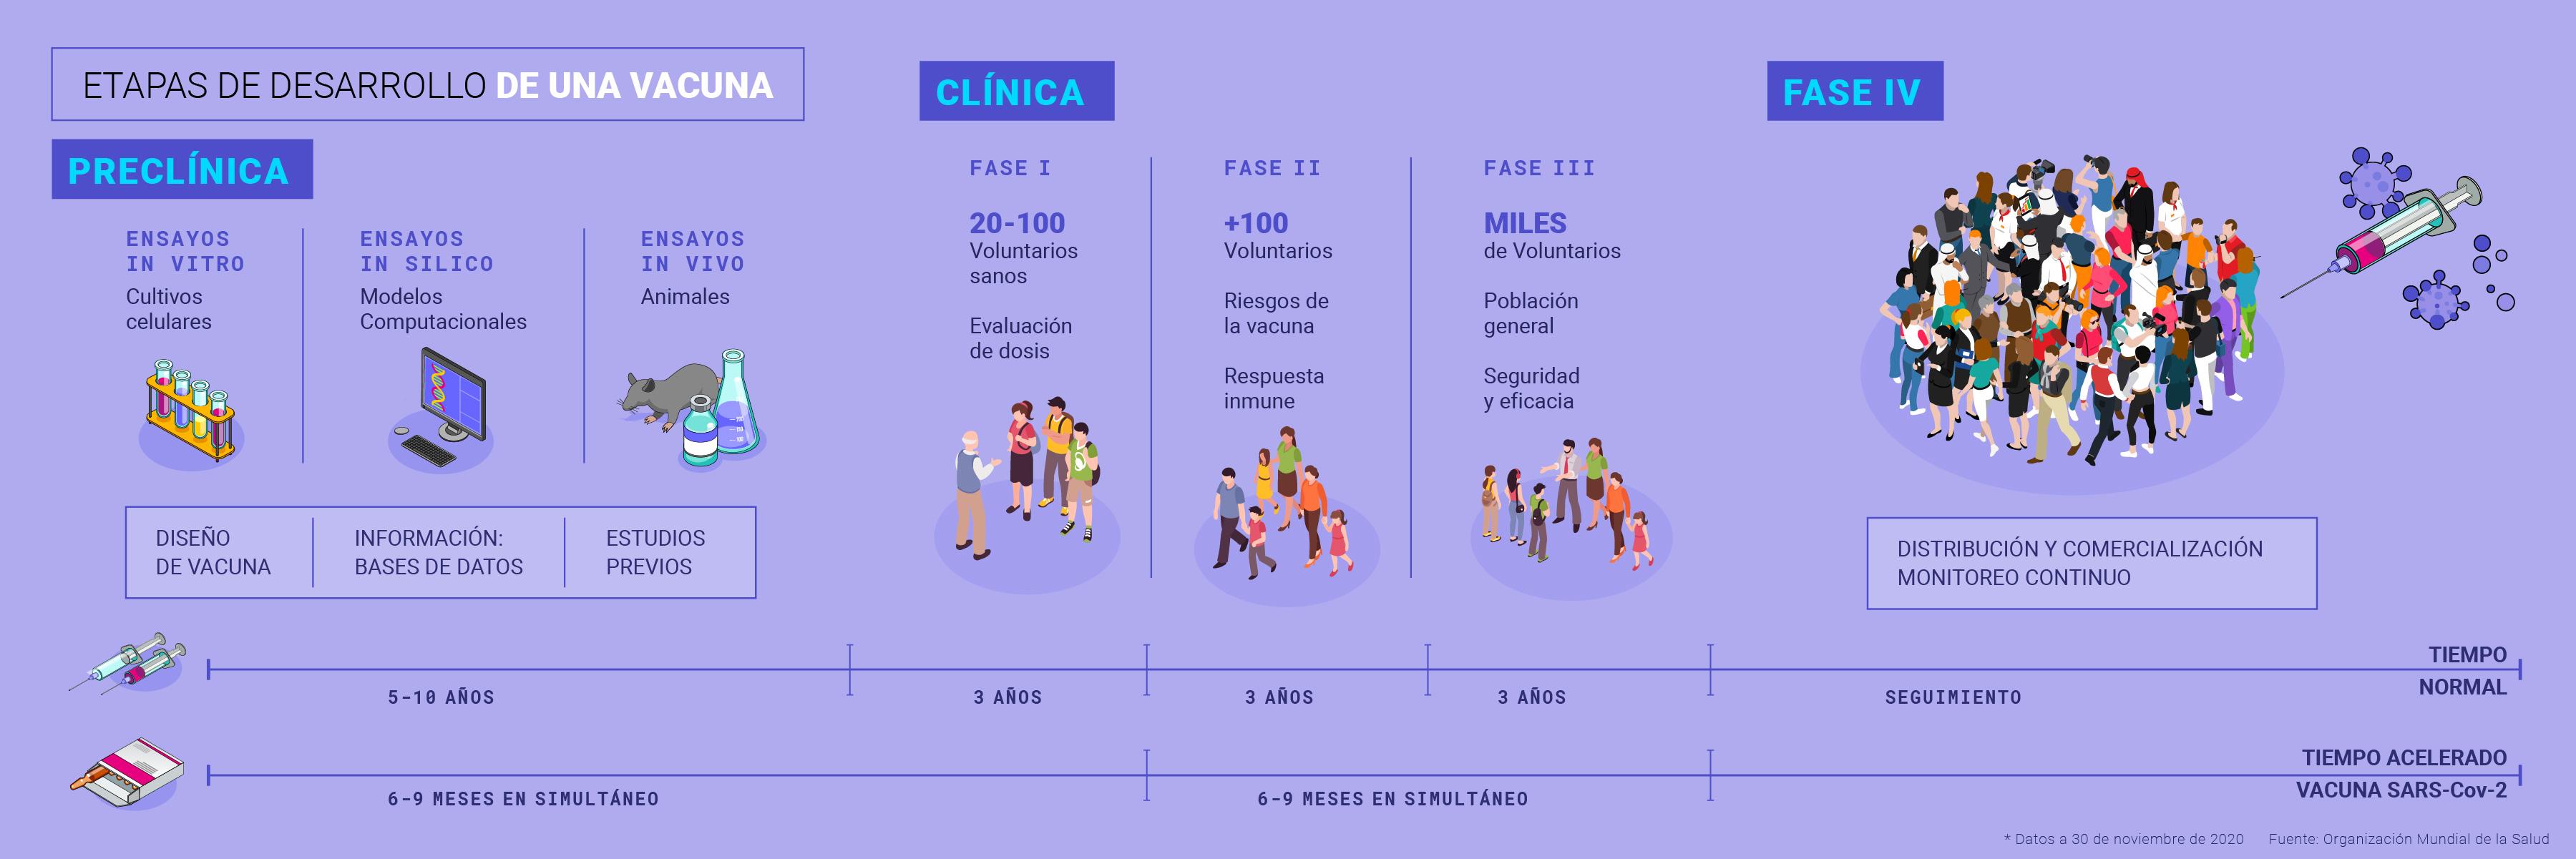 fases dllo de una vacuna